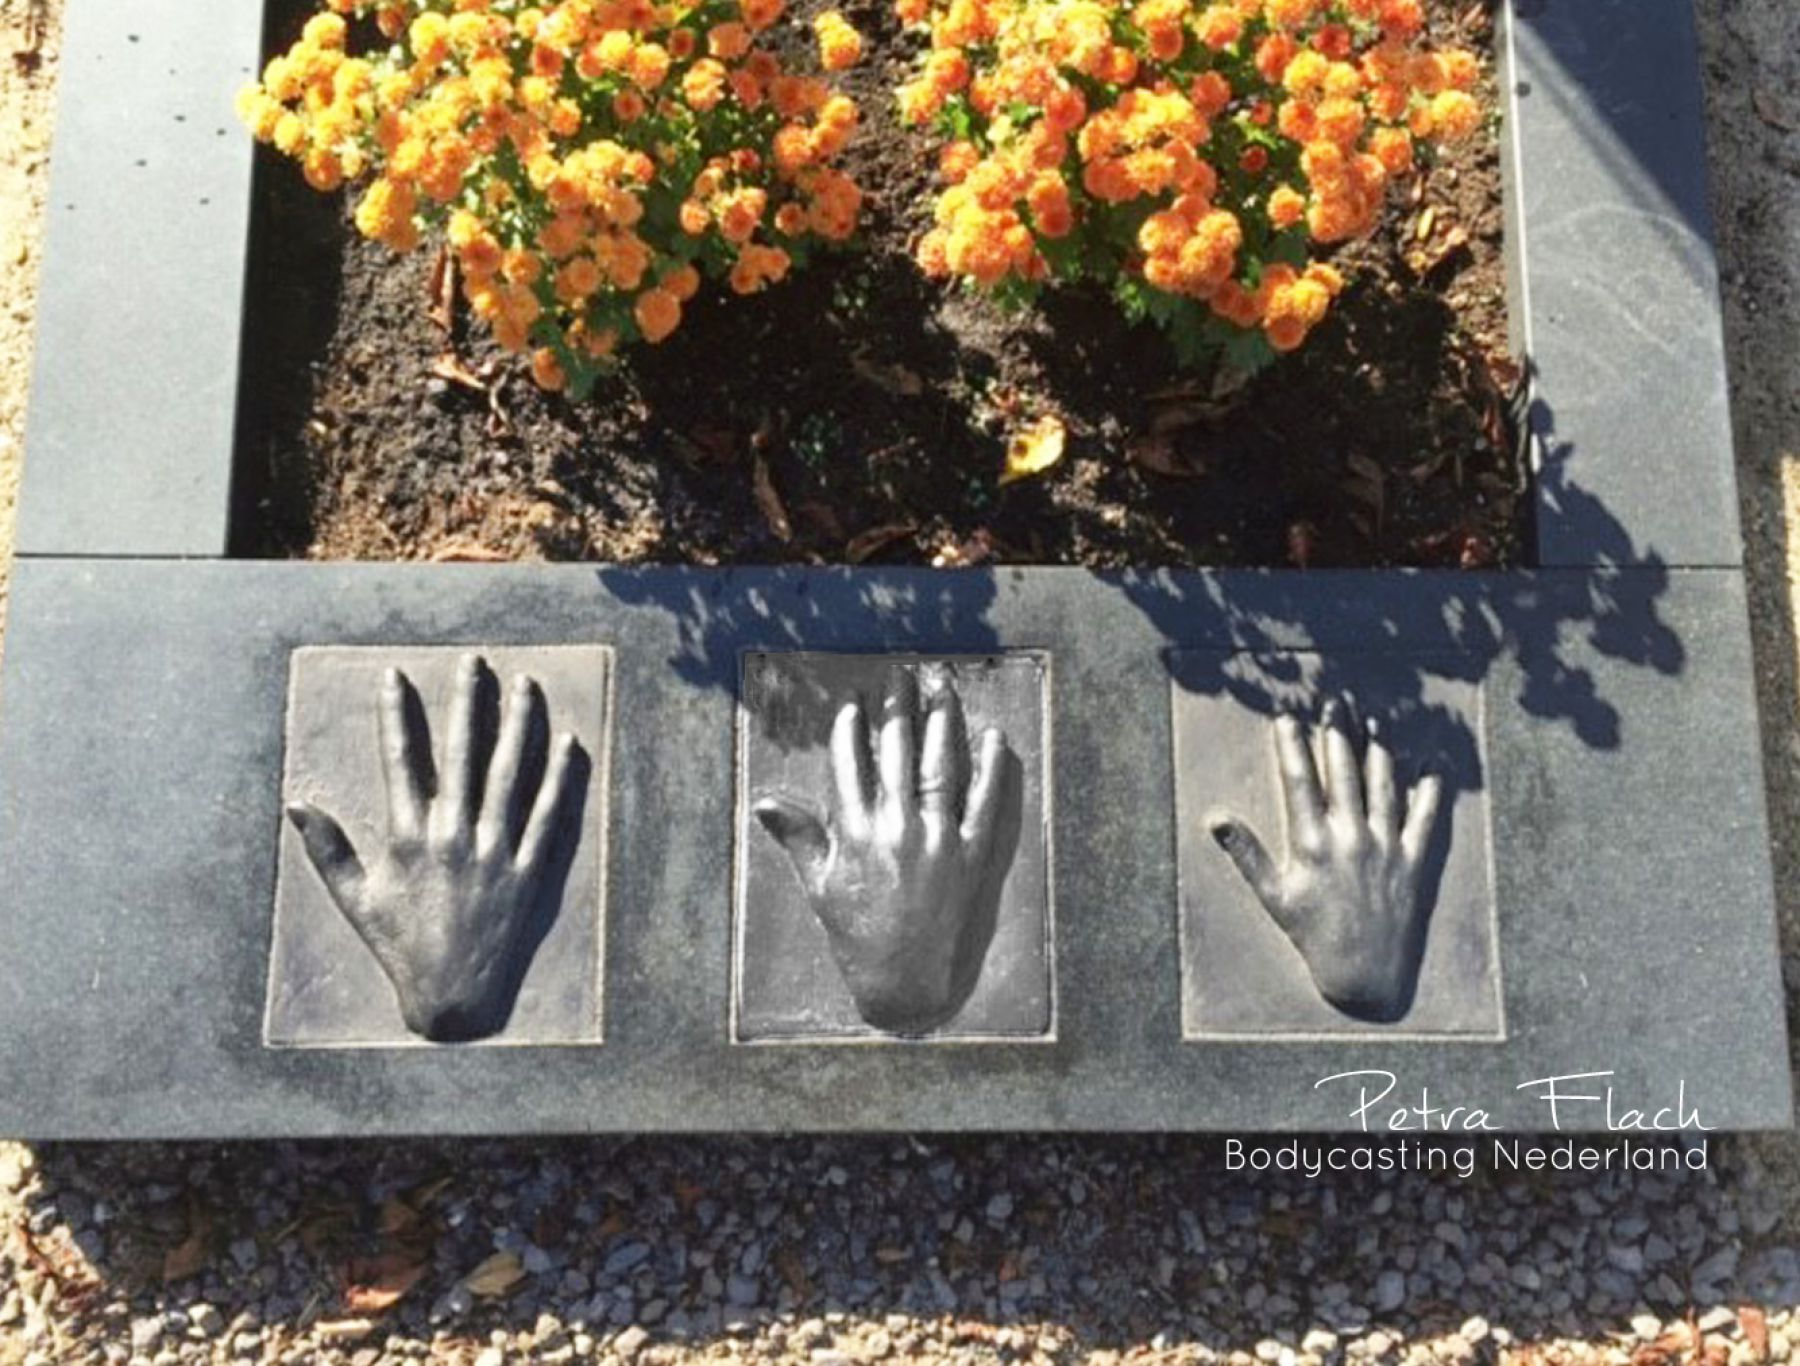 Bodycasting, lifecasting, handbeeld op graf, rouw en afscheid, dood, overledene 3d vereeuwigen, overleden dierbare beeld, hanbeeld, handafdruk, vereeuwigen, afscheid, dood, 3d handbeeld 2.jpg